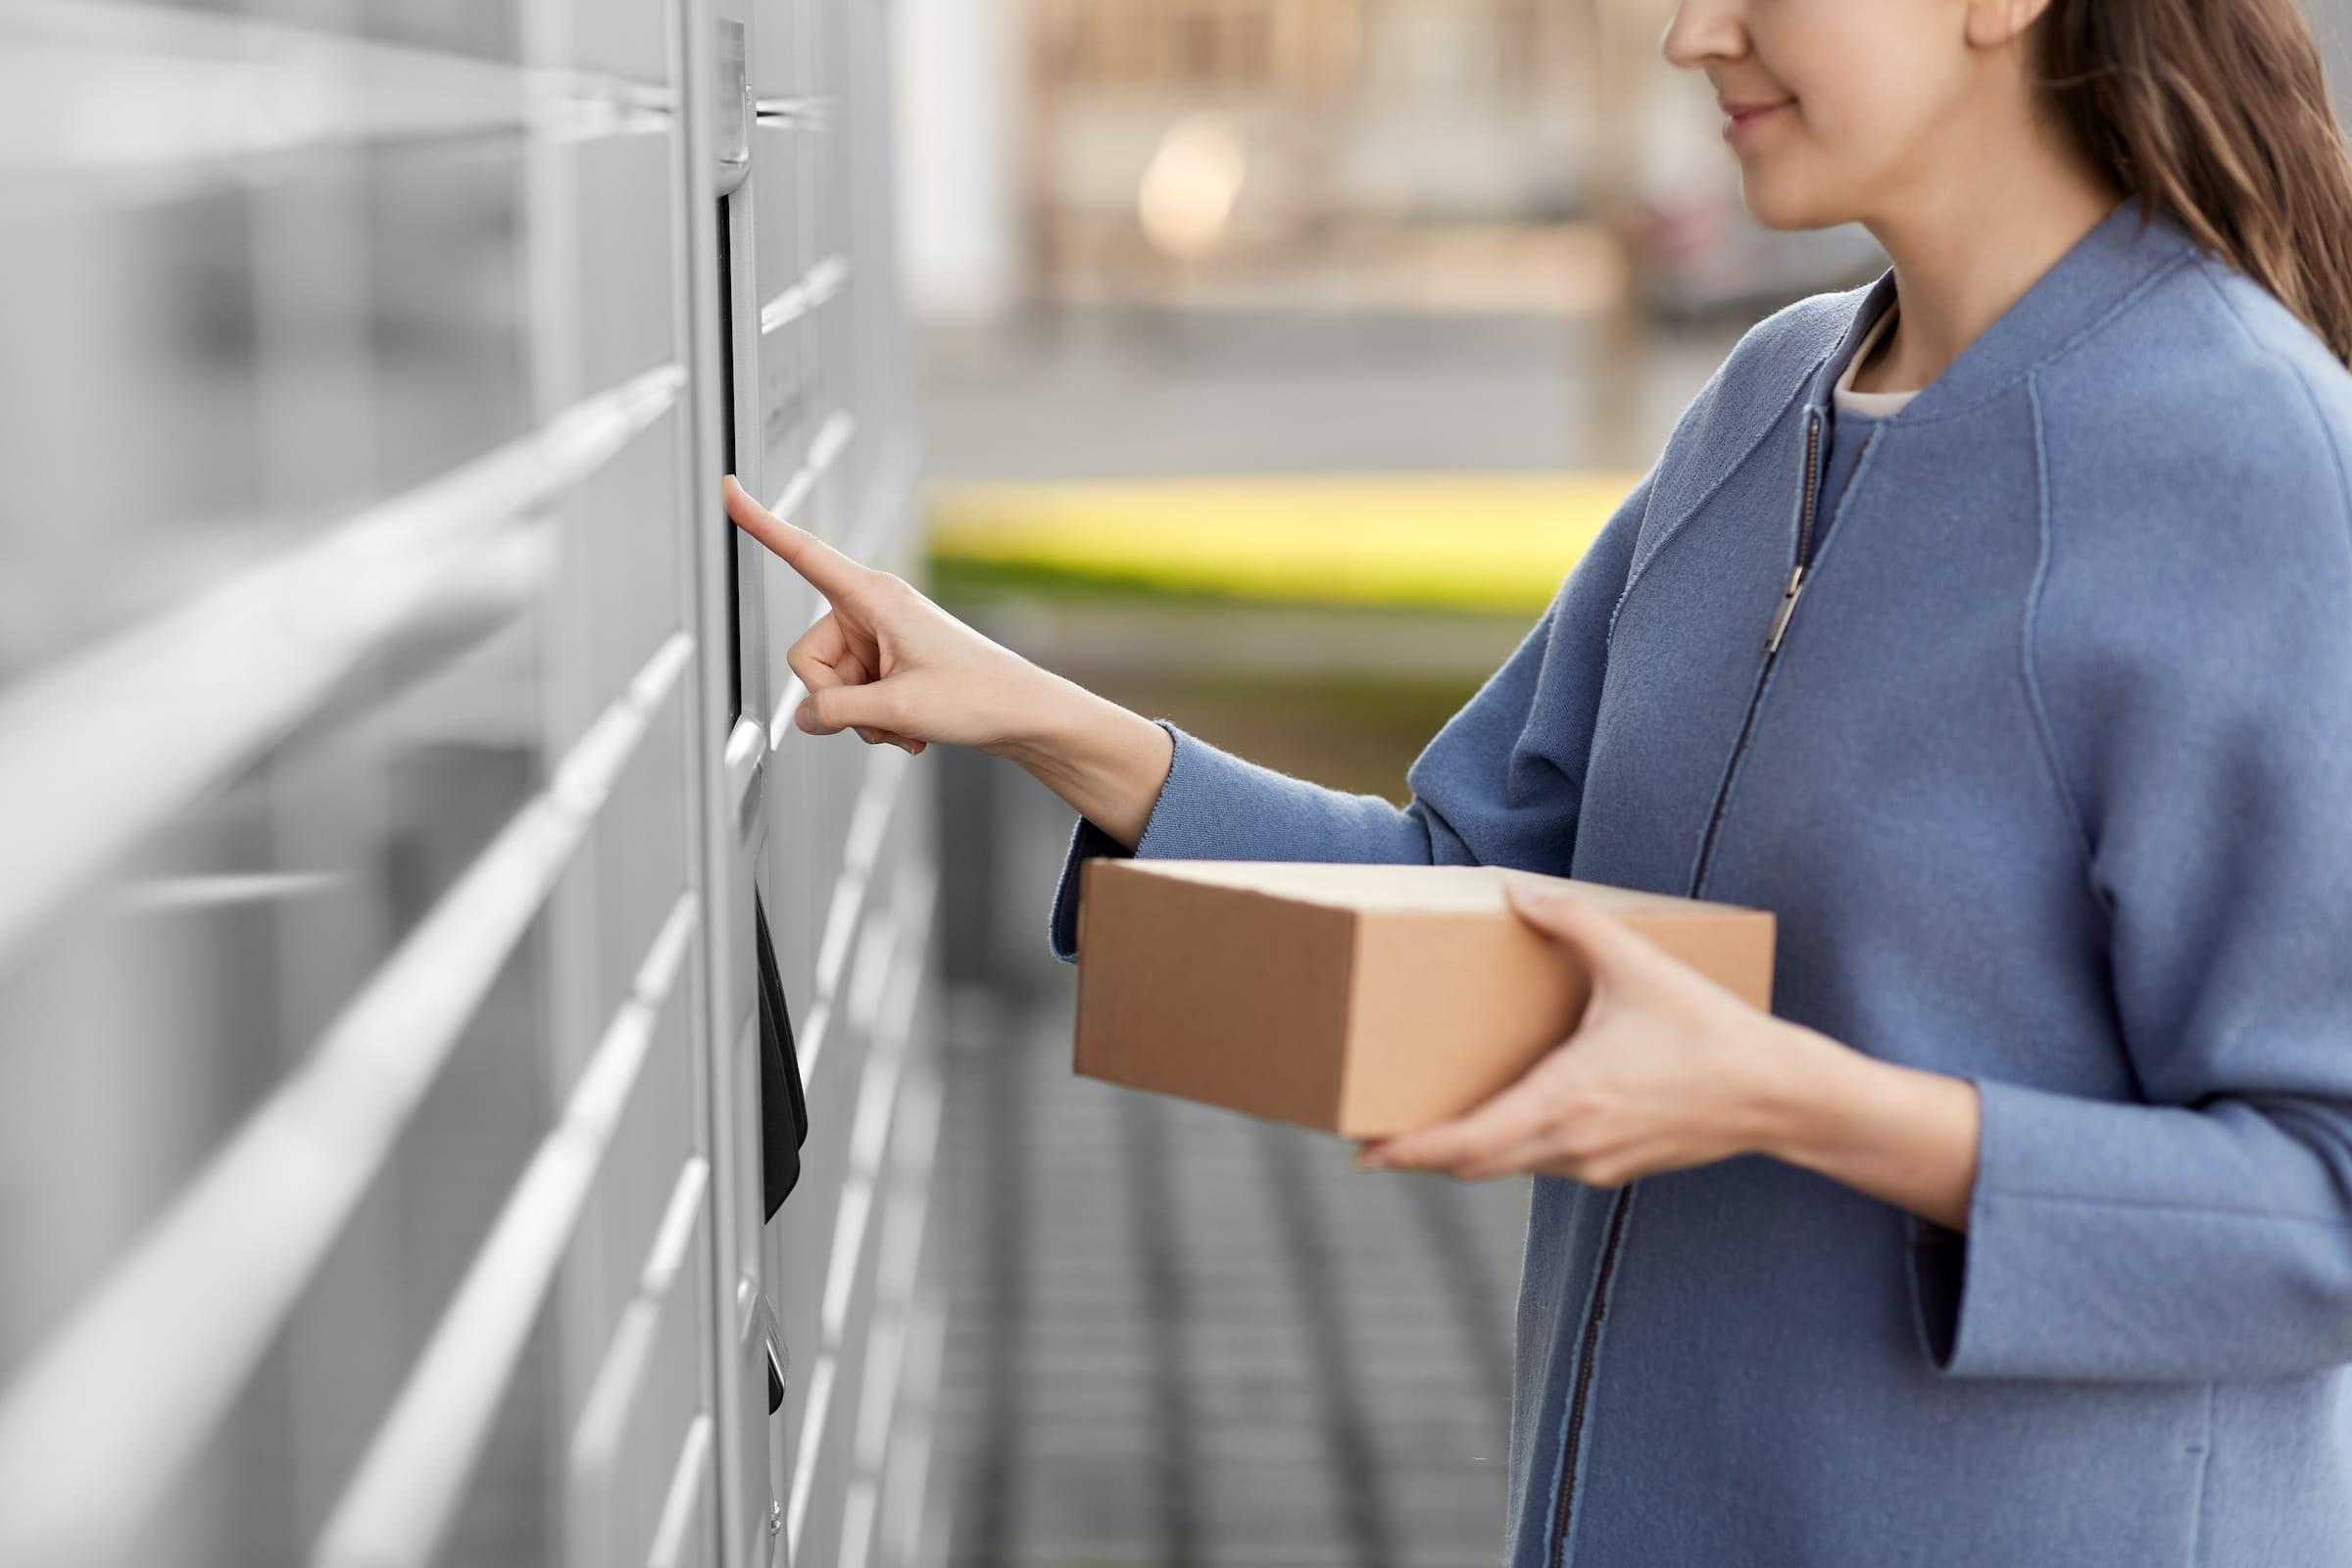 Installazione e assistenza dello smart parcel locker: come avviene?